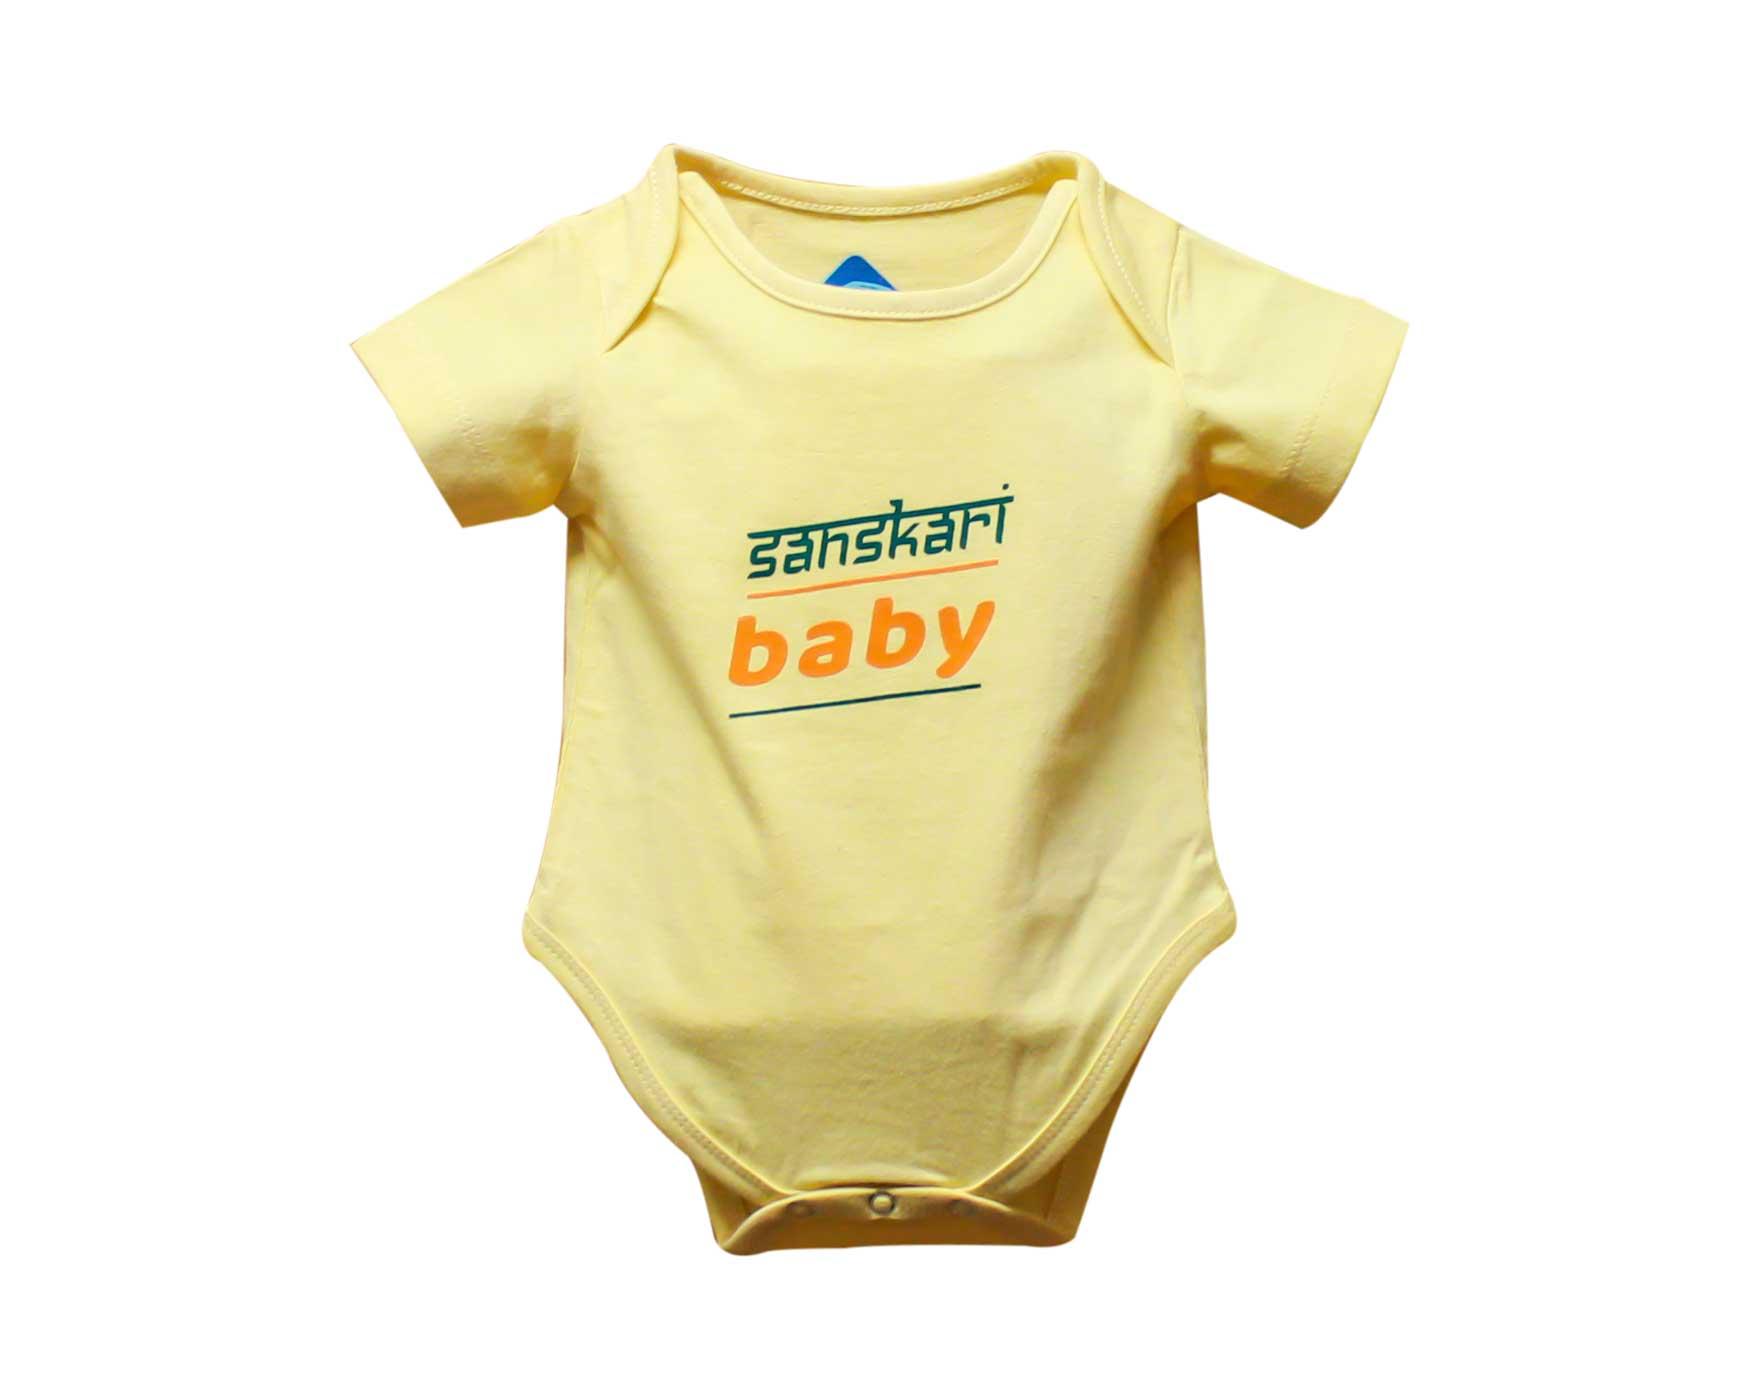 sanskari baby onesie for kids.jpg